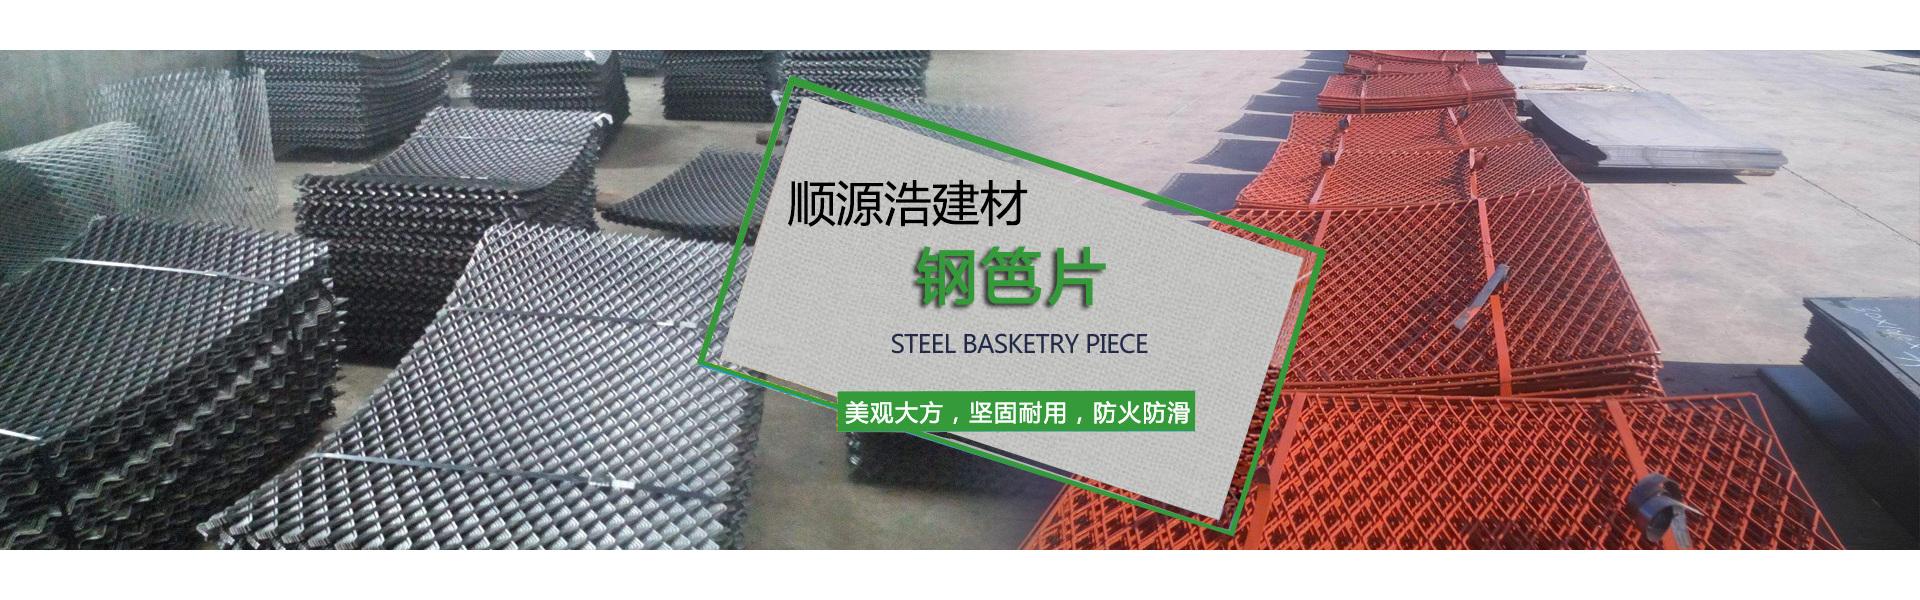 苏州竹笆价格